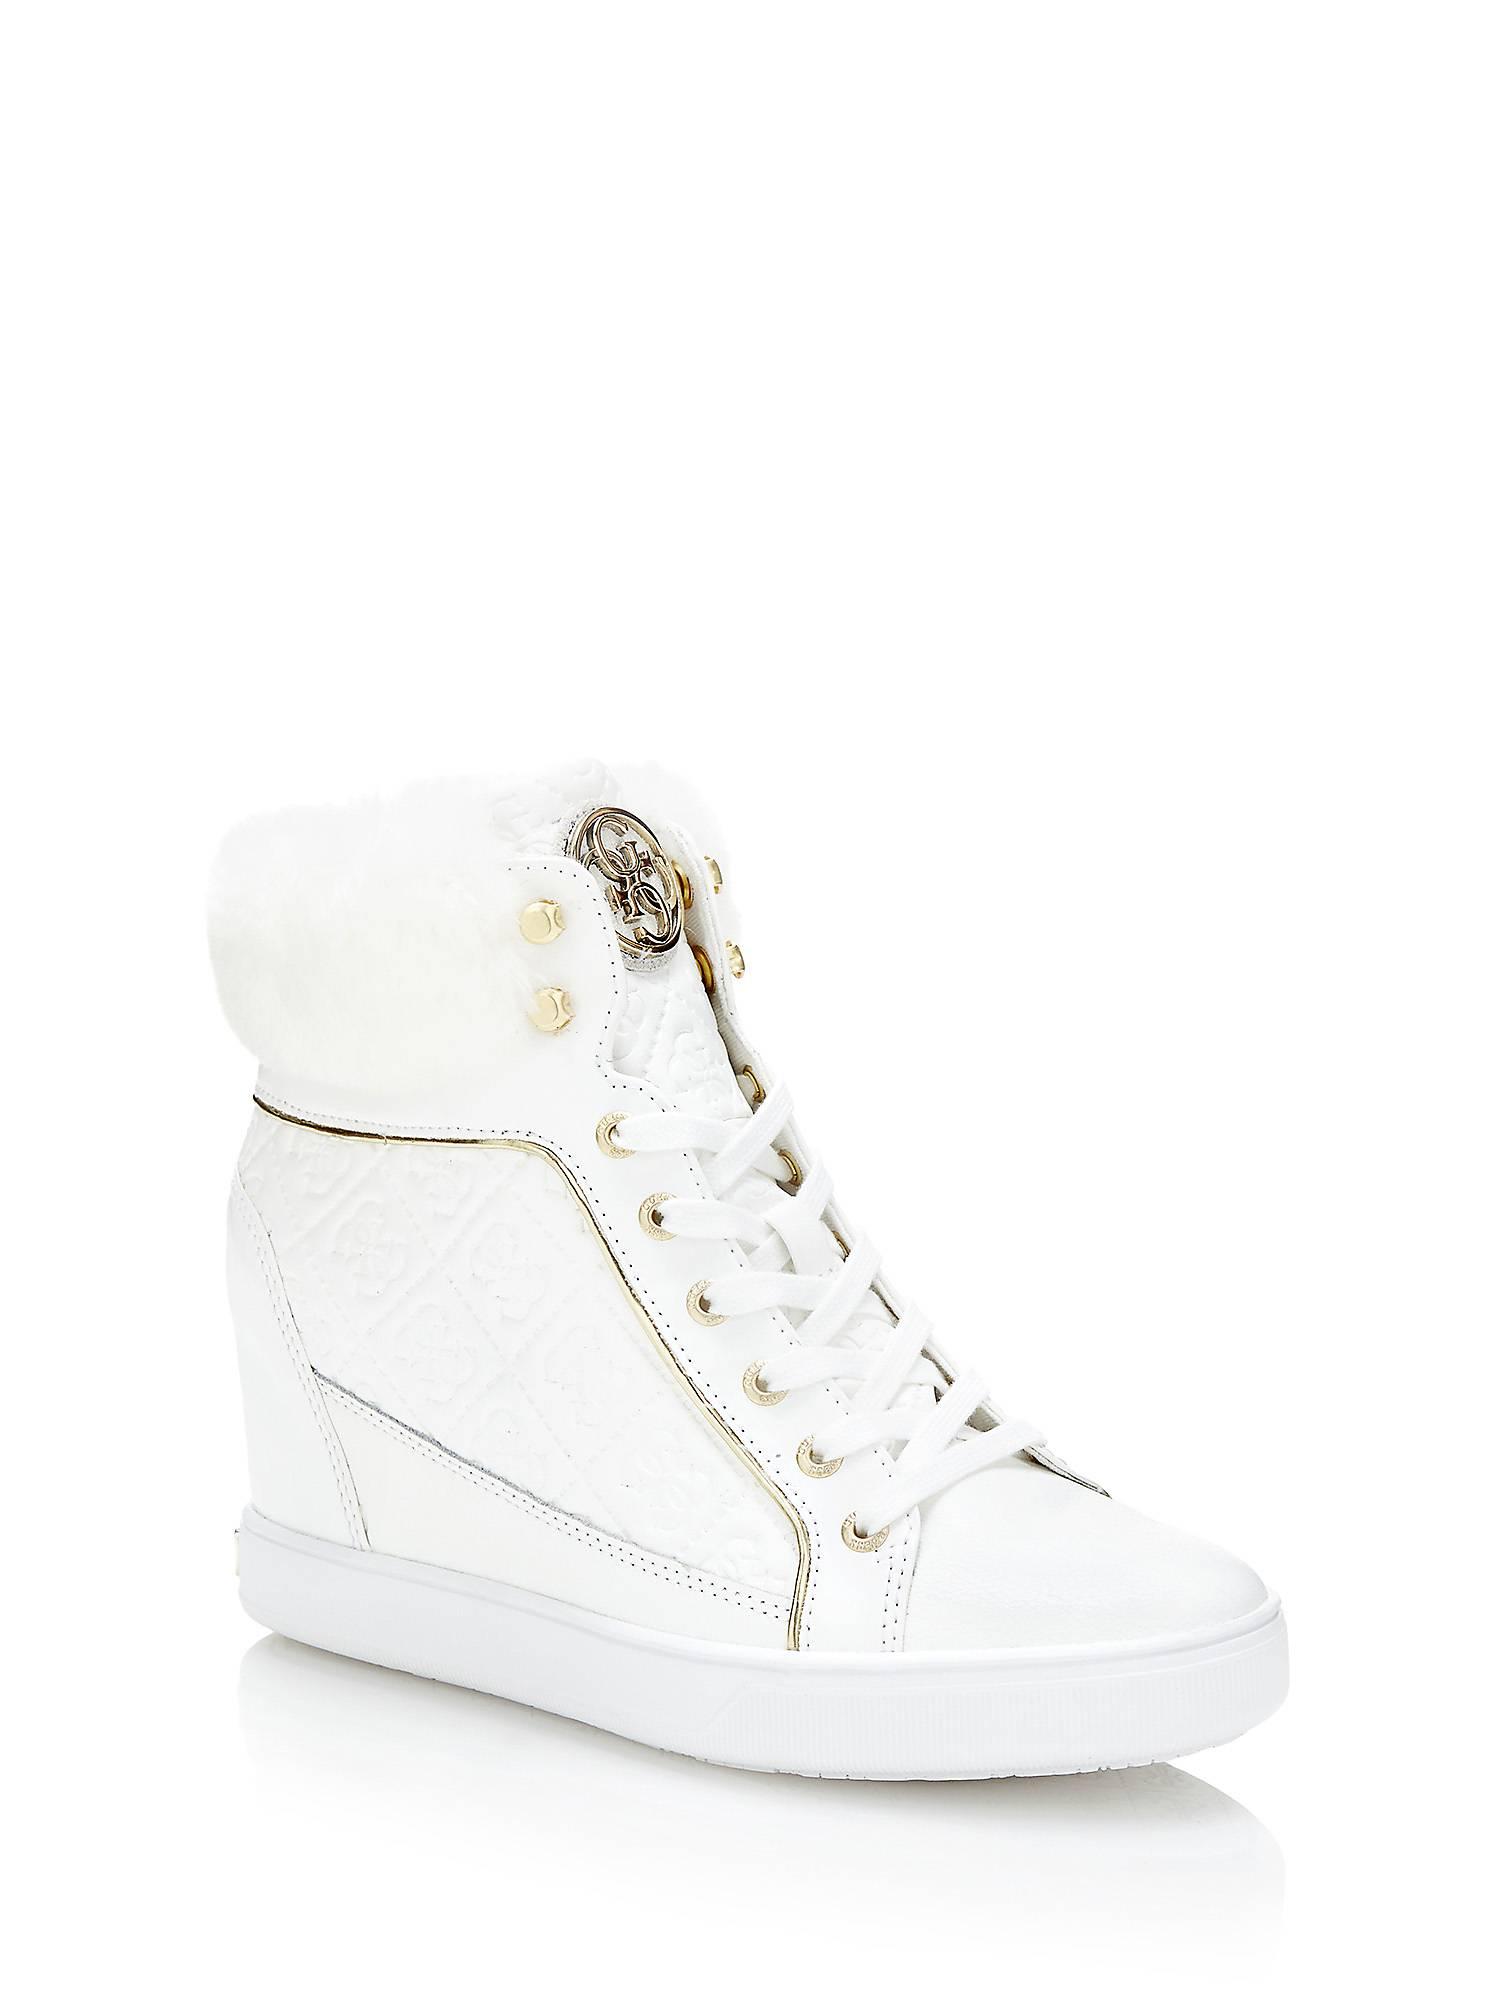 20172018 nuova collezione di scarpe Guess tronchetto con